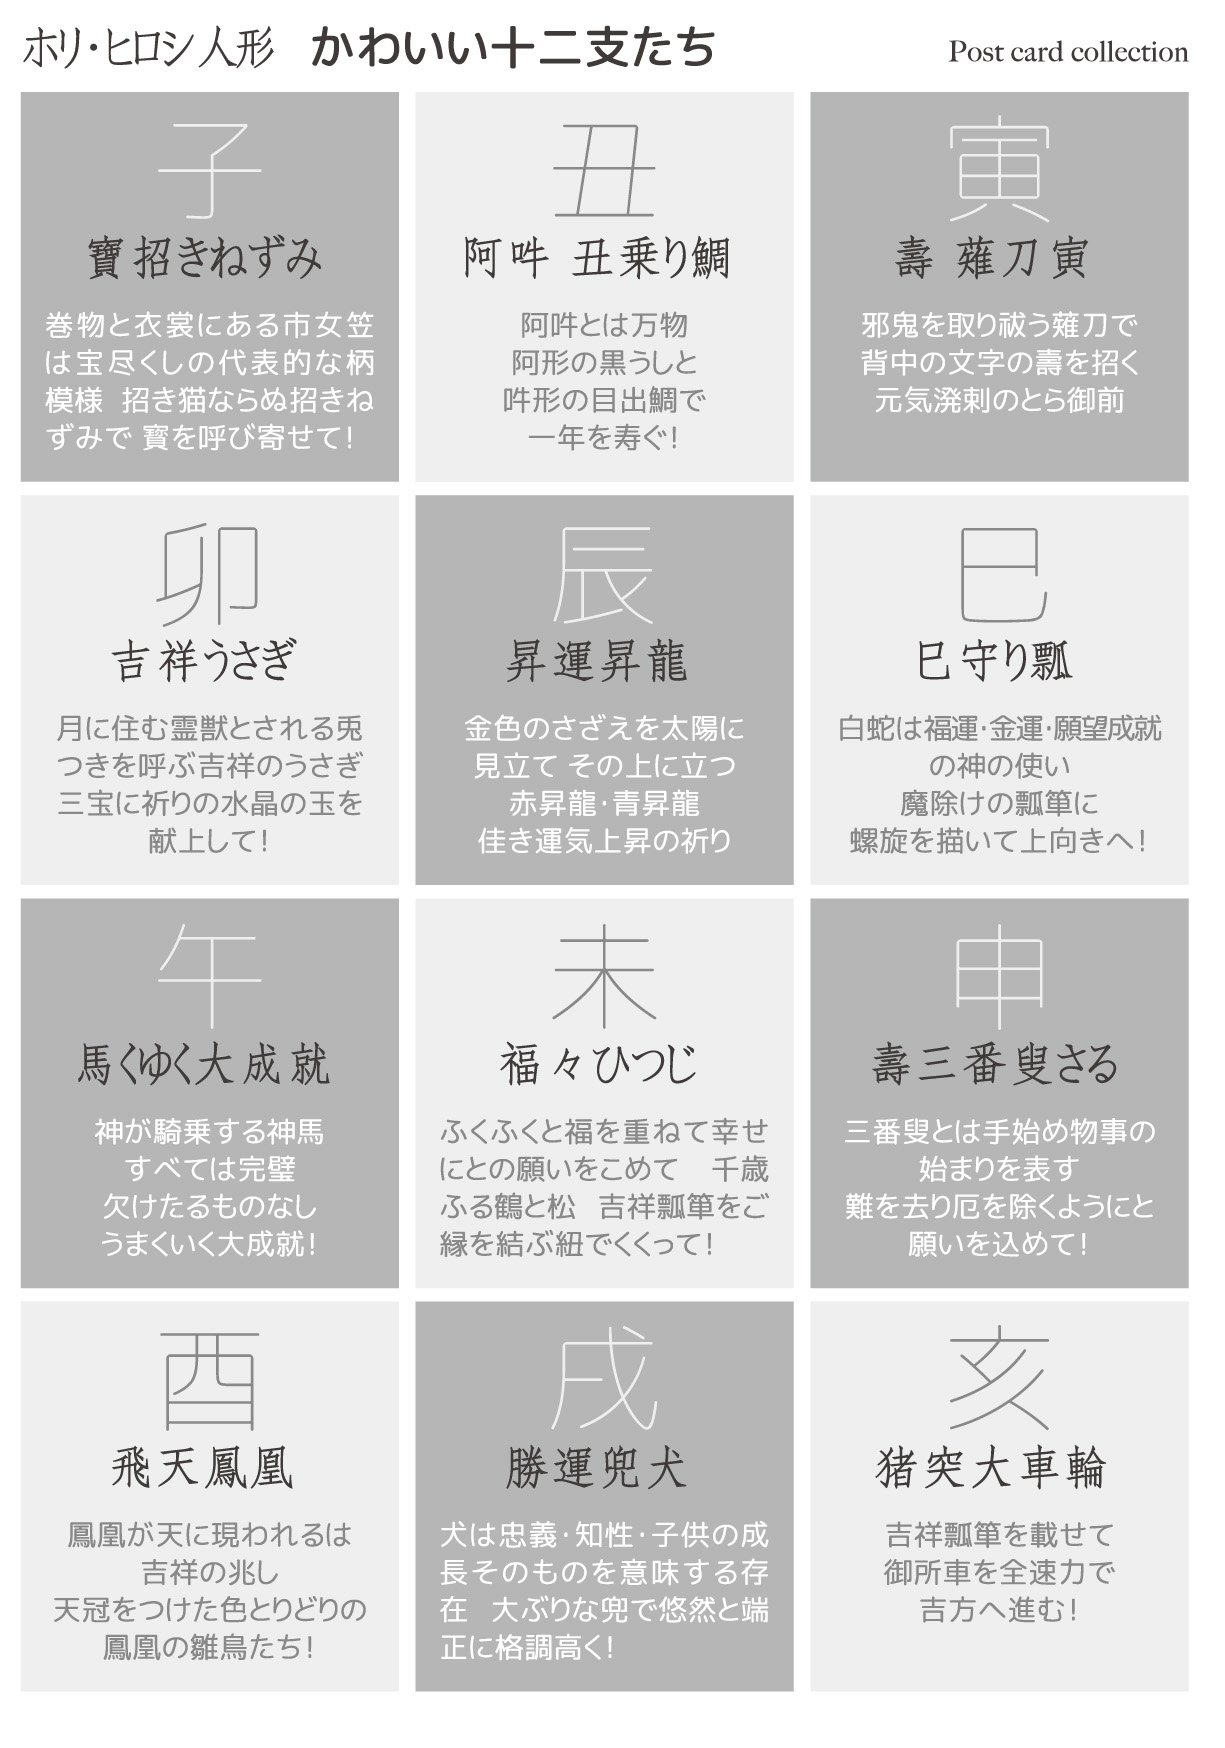 かわいい十二支たち(ホリ・ヒロシ人形ポストカードブック)